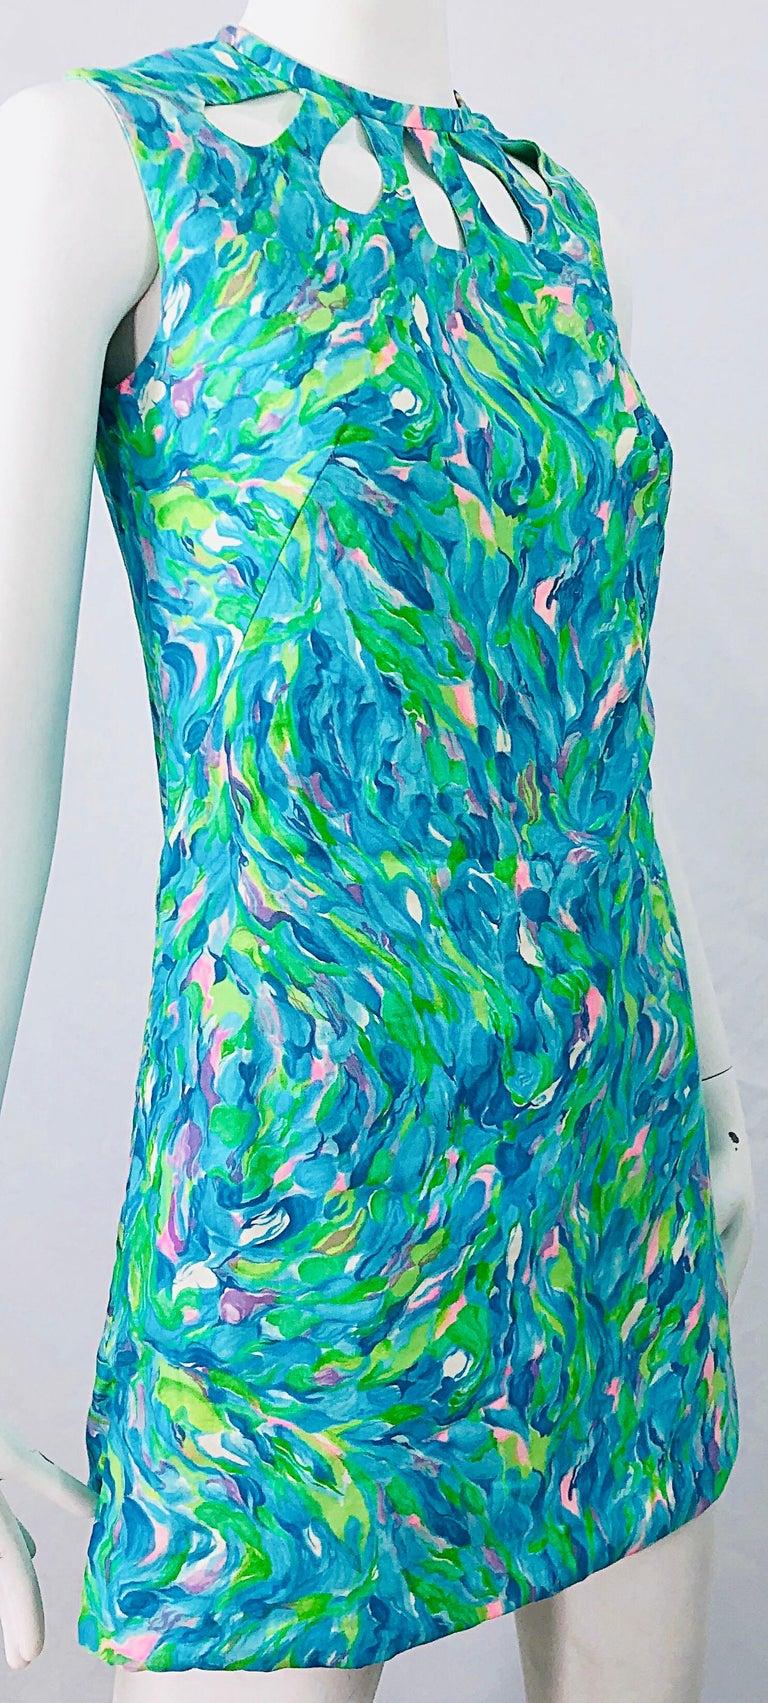 1960s Romper Watercolor Pastel Cut Out Cotton Vintage 60s Shift Dress Jumpsuit For Sale 6